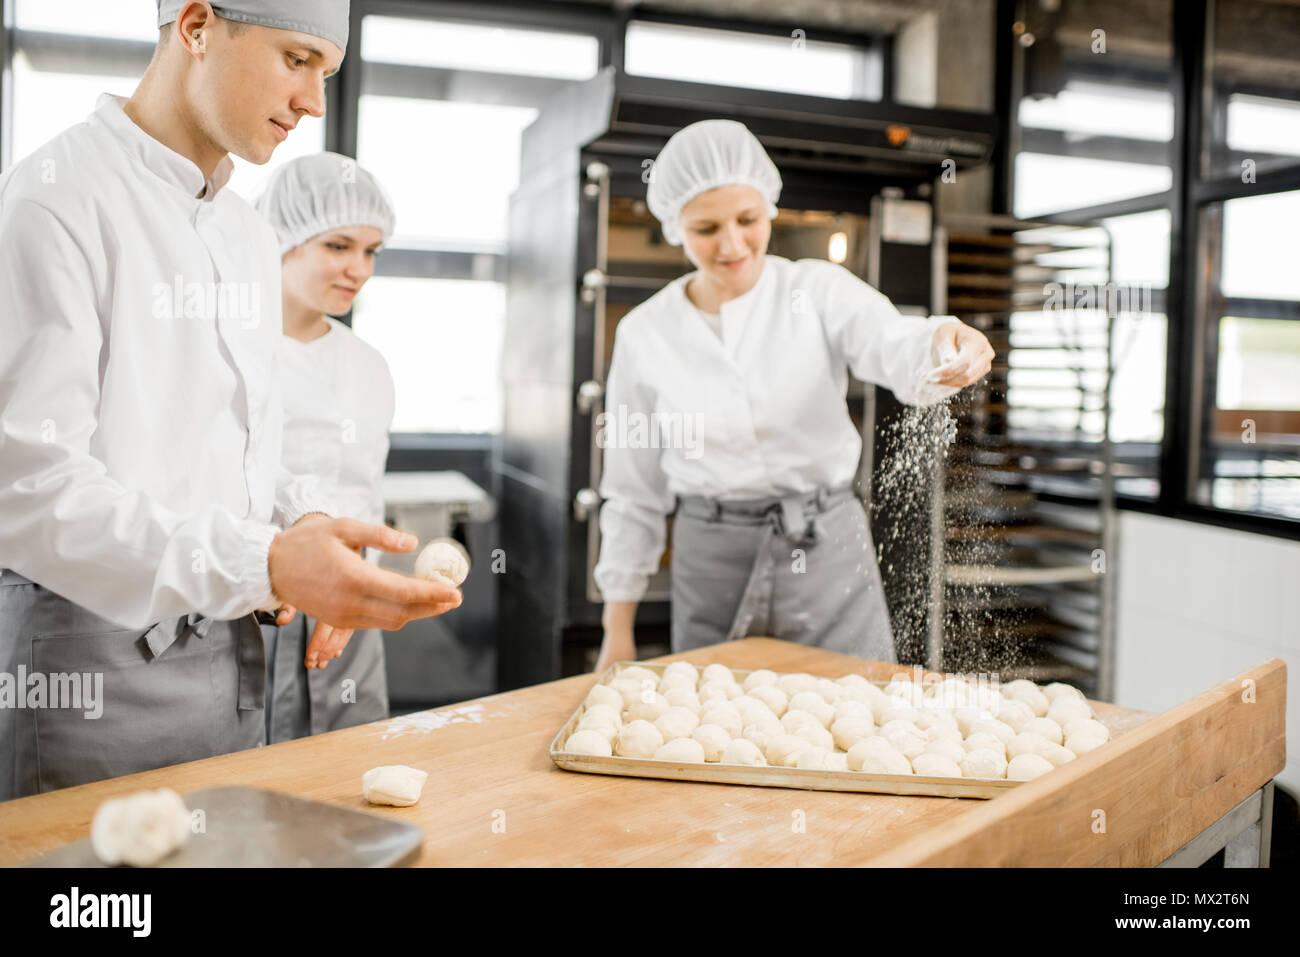 Les boulangers de décisions au niveau de la fabrication des brioches Photo Stock